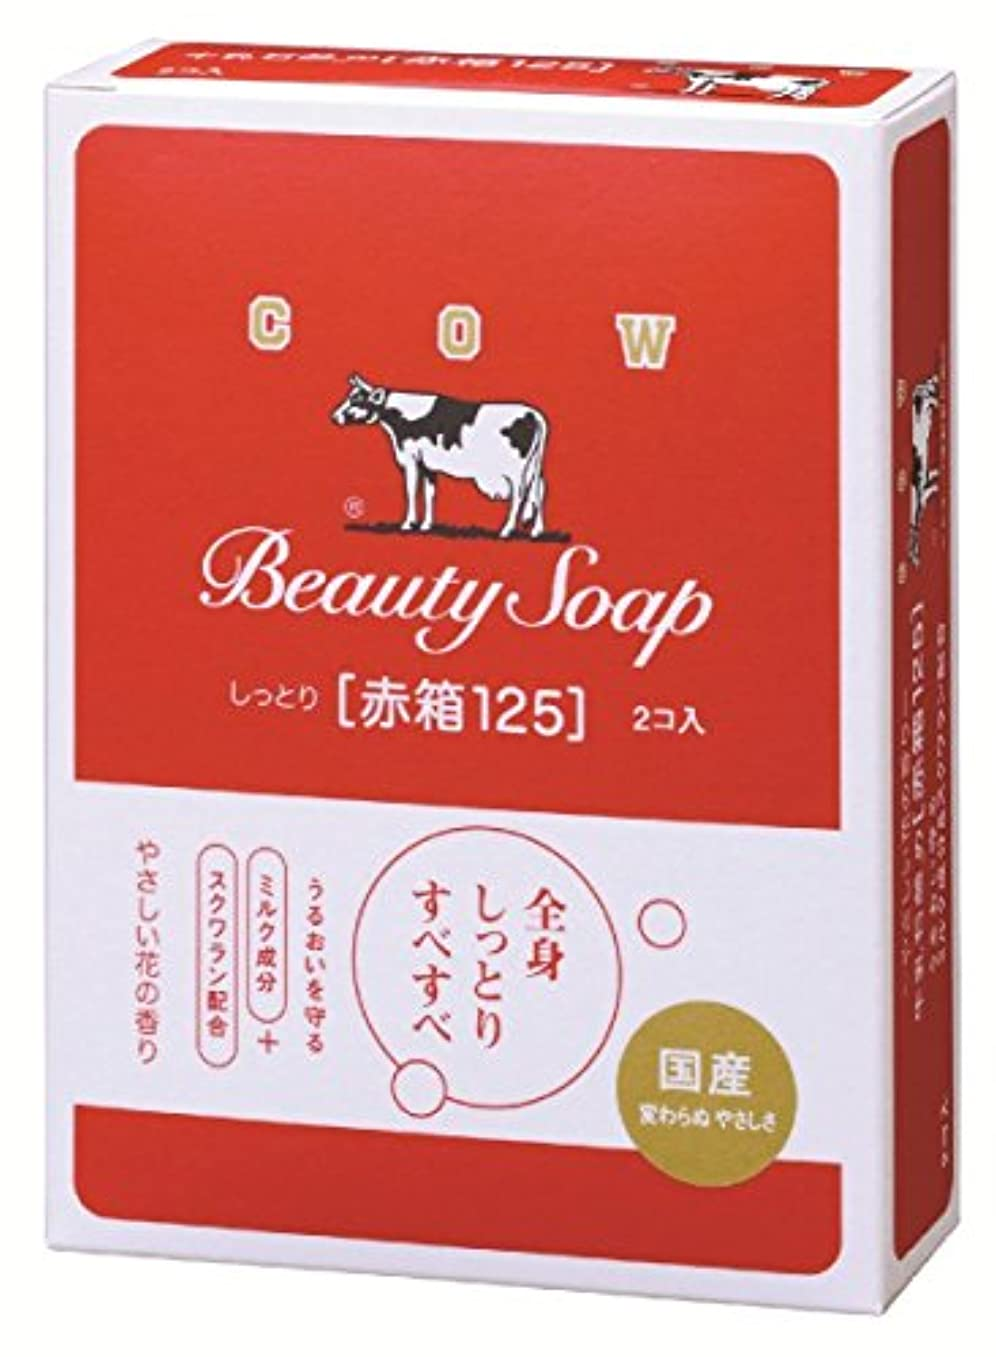 彼近く設計図牛乳石鹸共進社 カウブランド 赤箱 125g×2